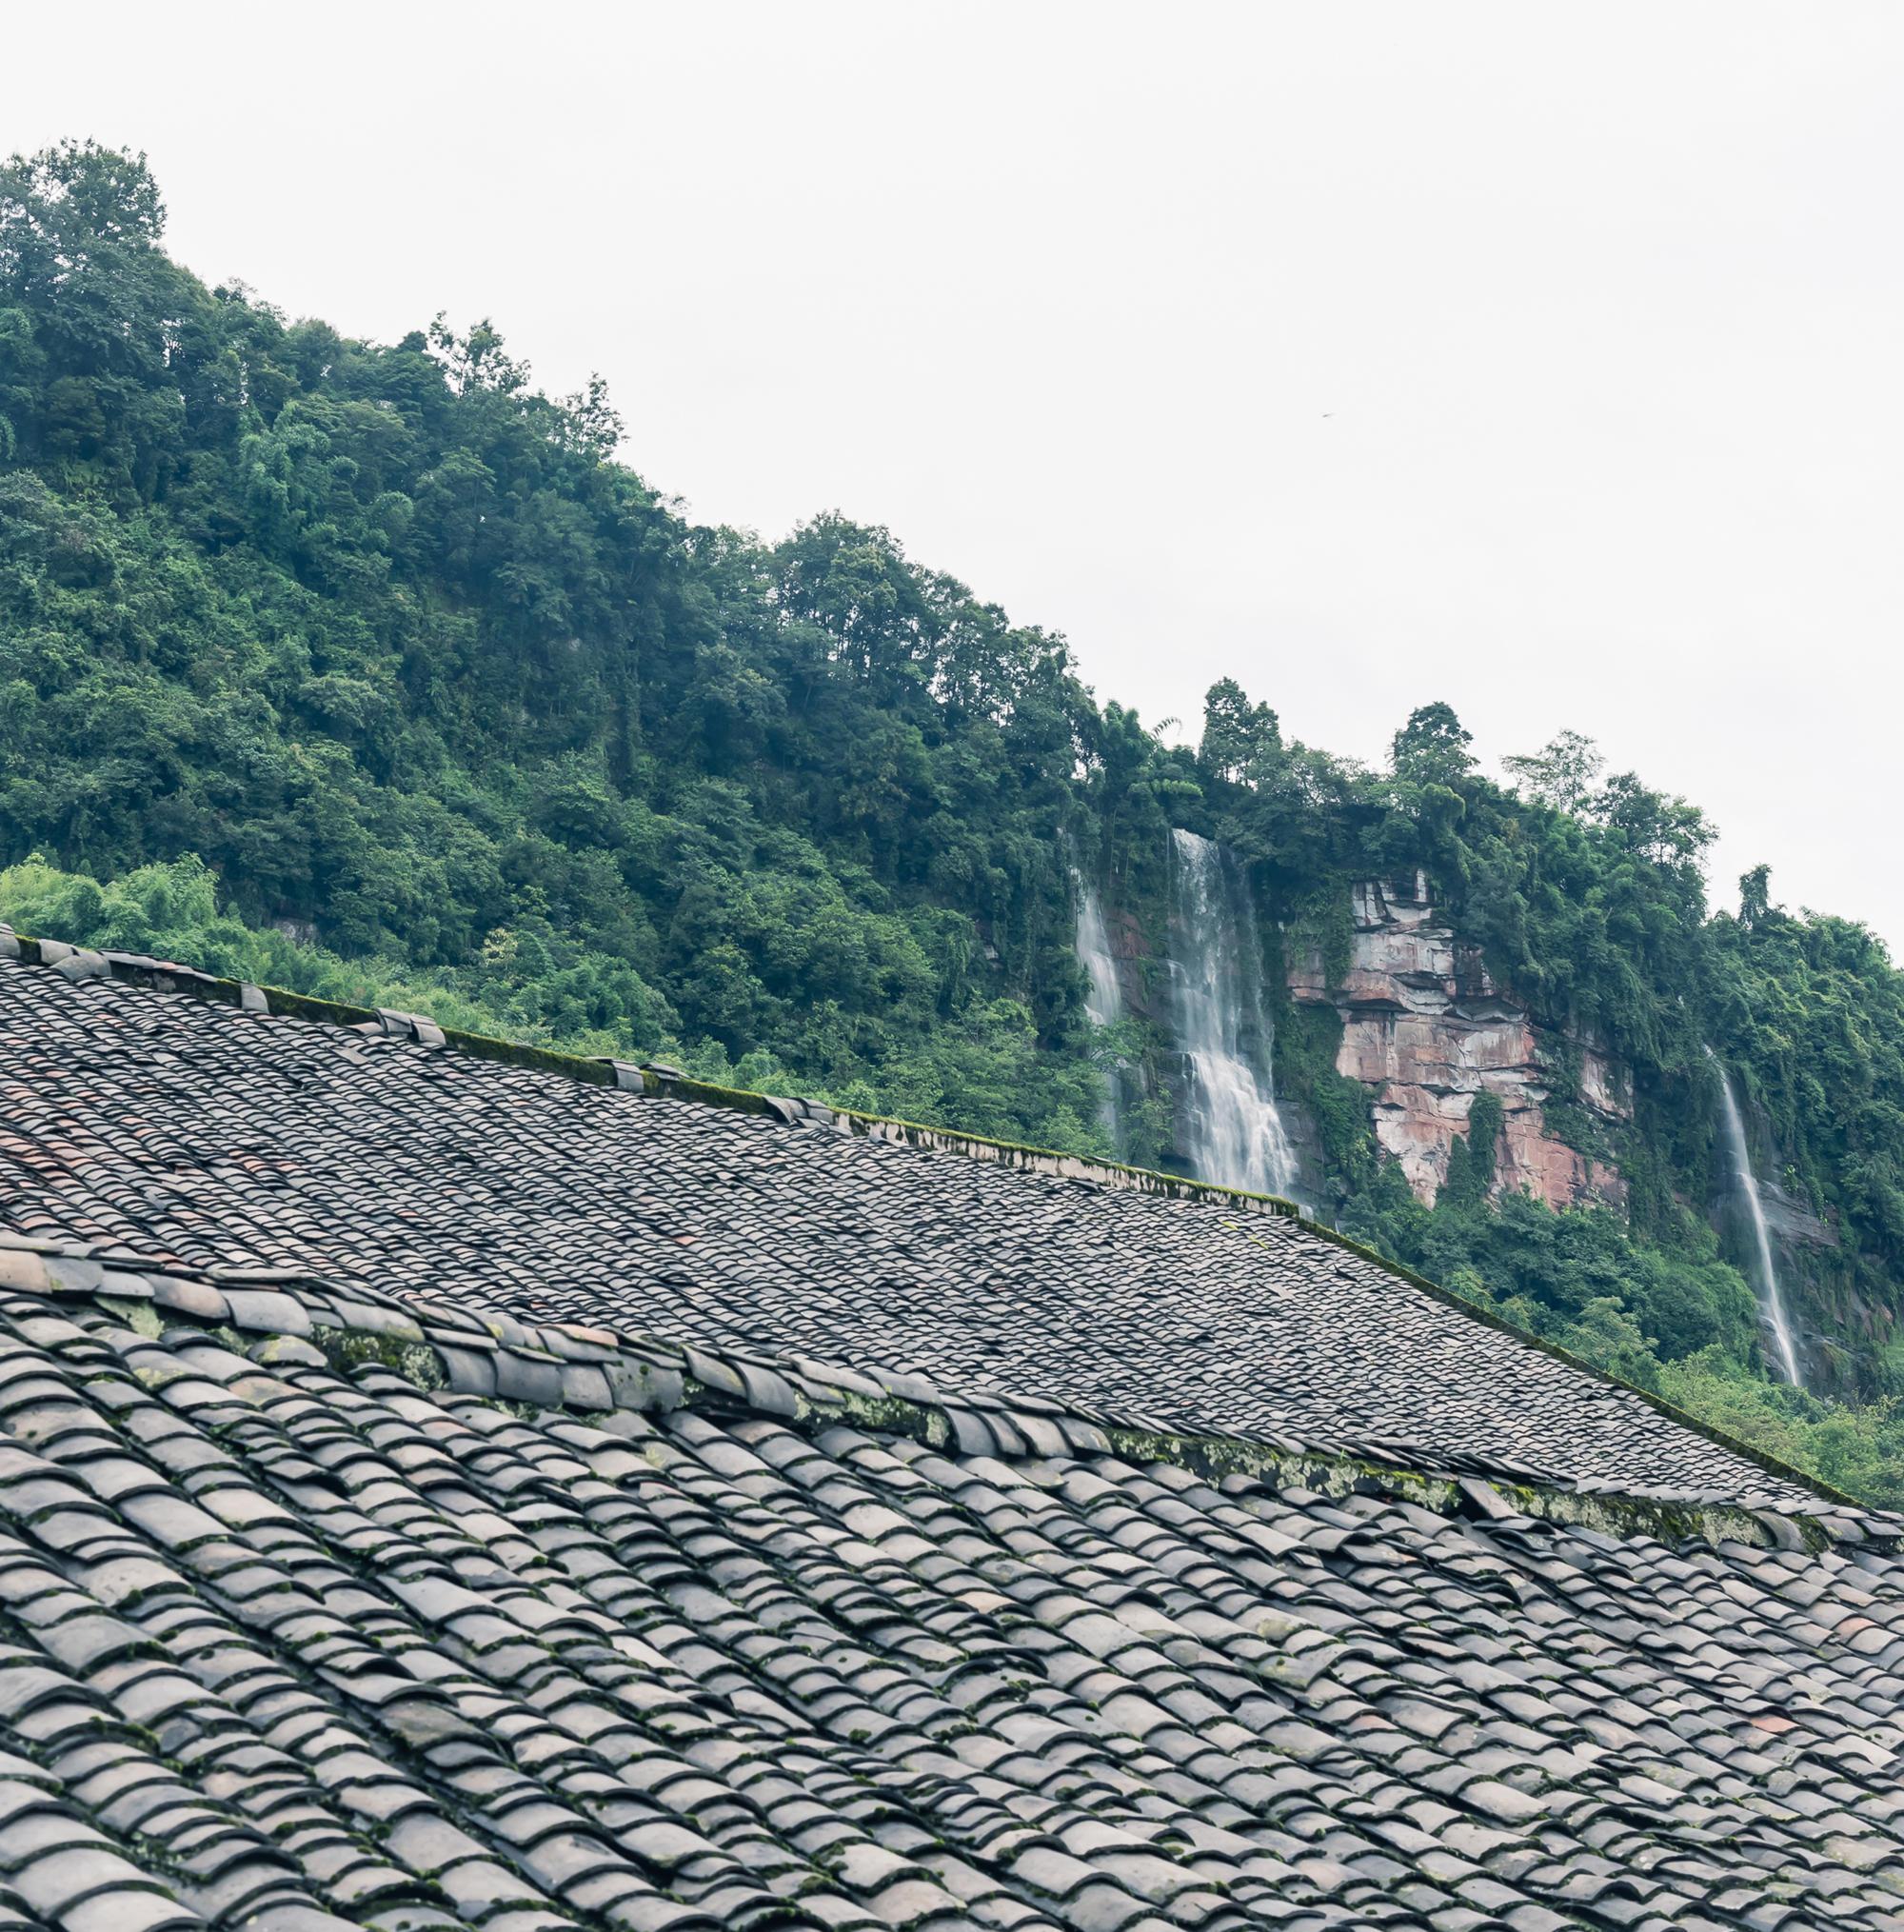 四川集市贸易繁华的集镇 保留着四川正在逐渐消失的各种风俗习惯